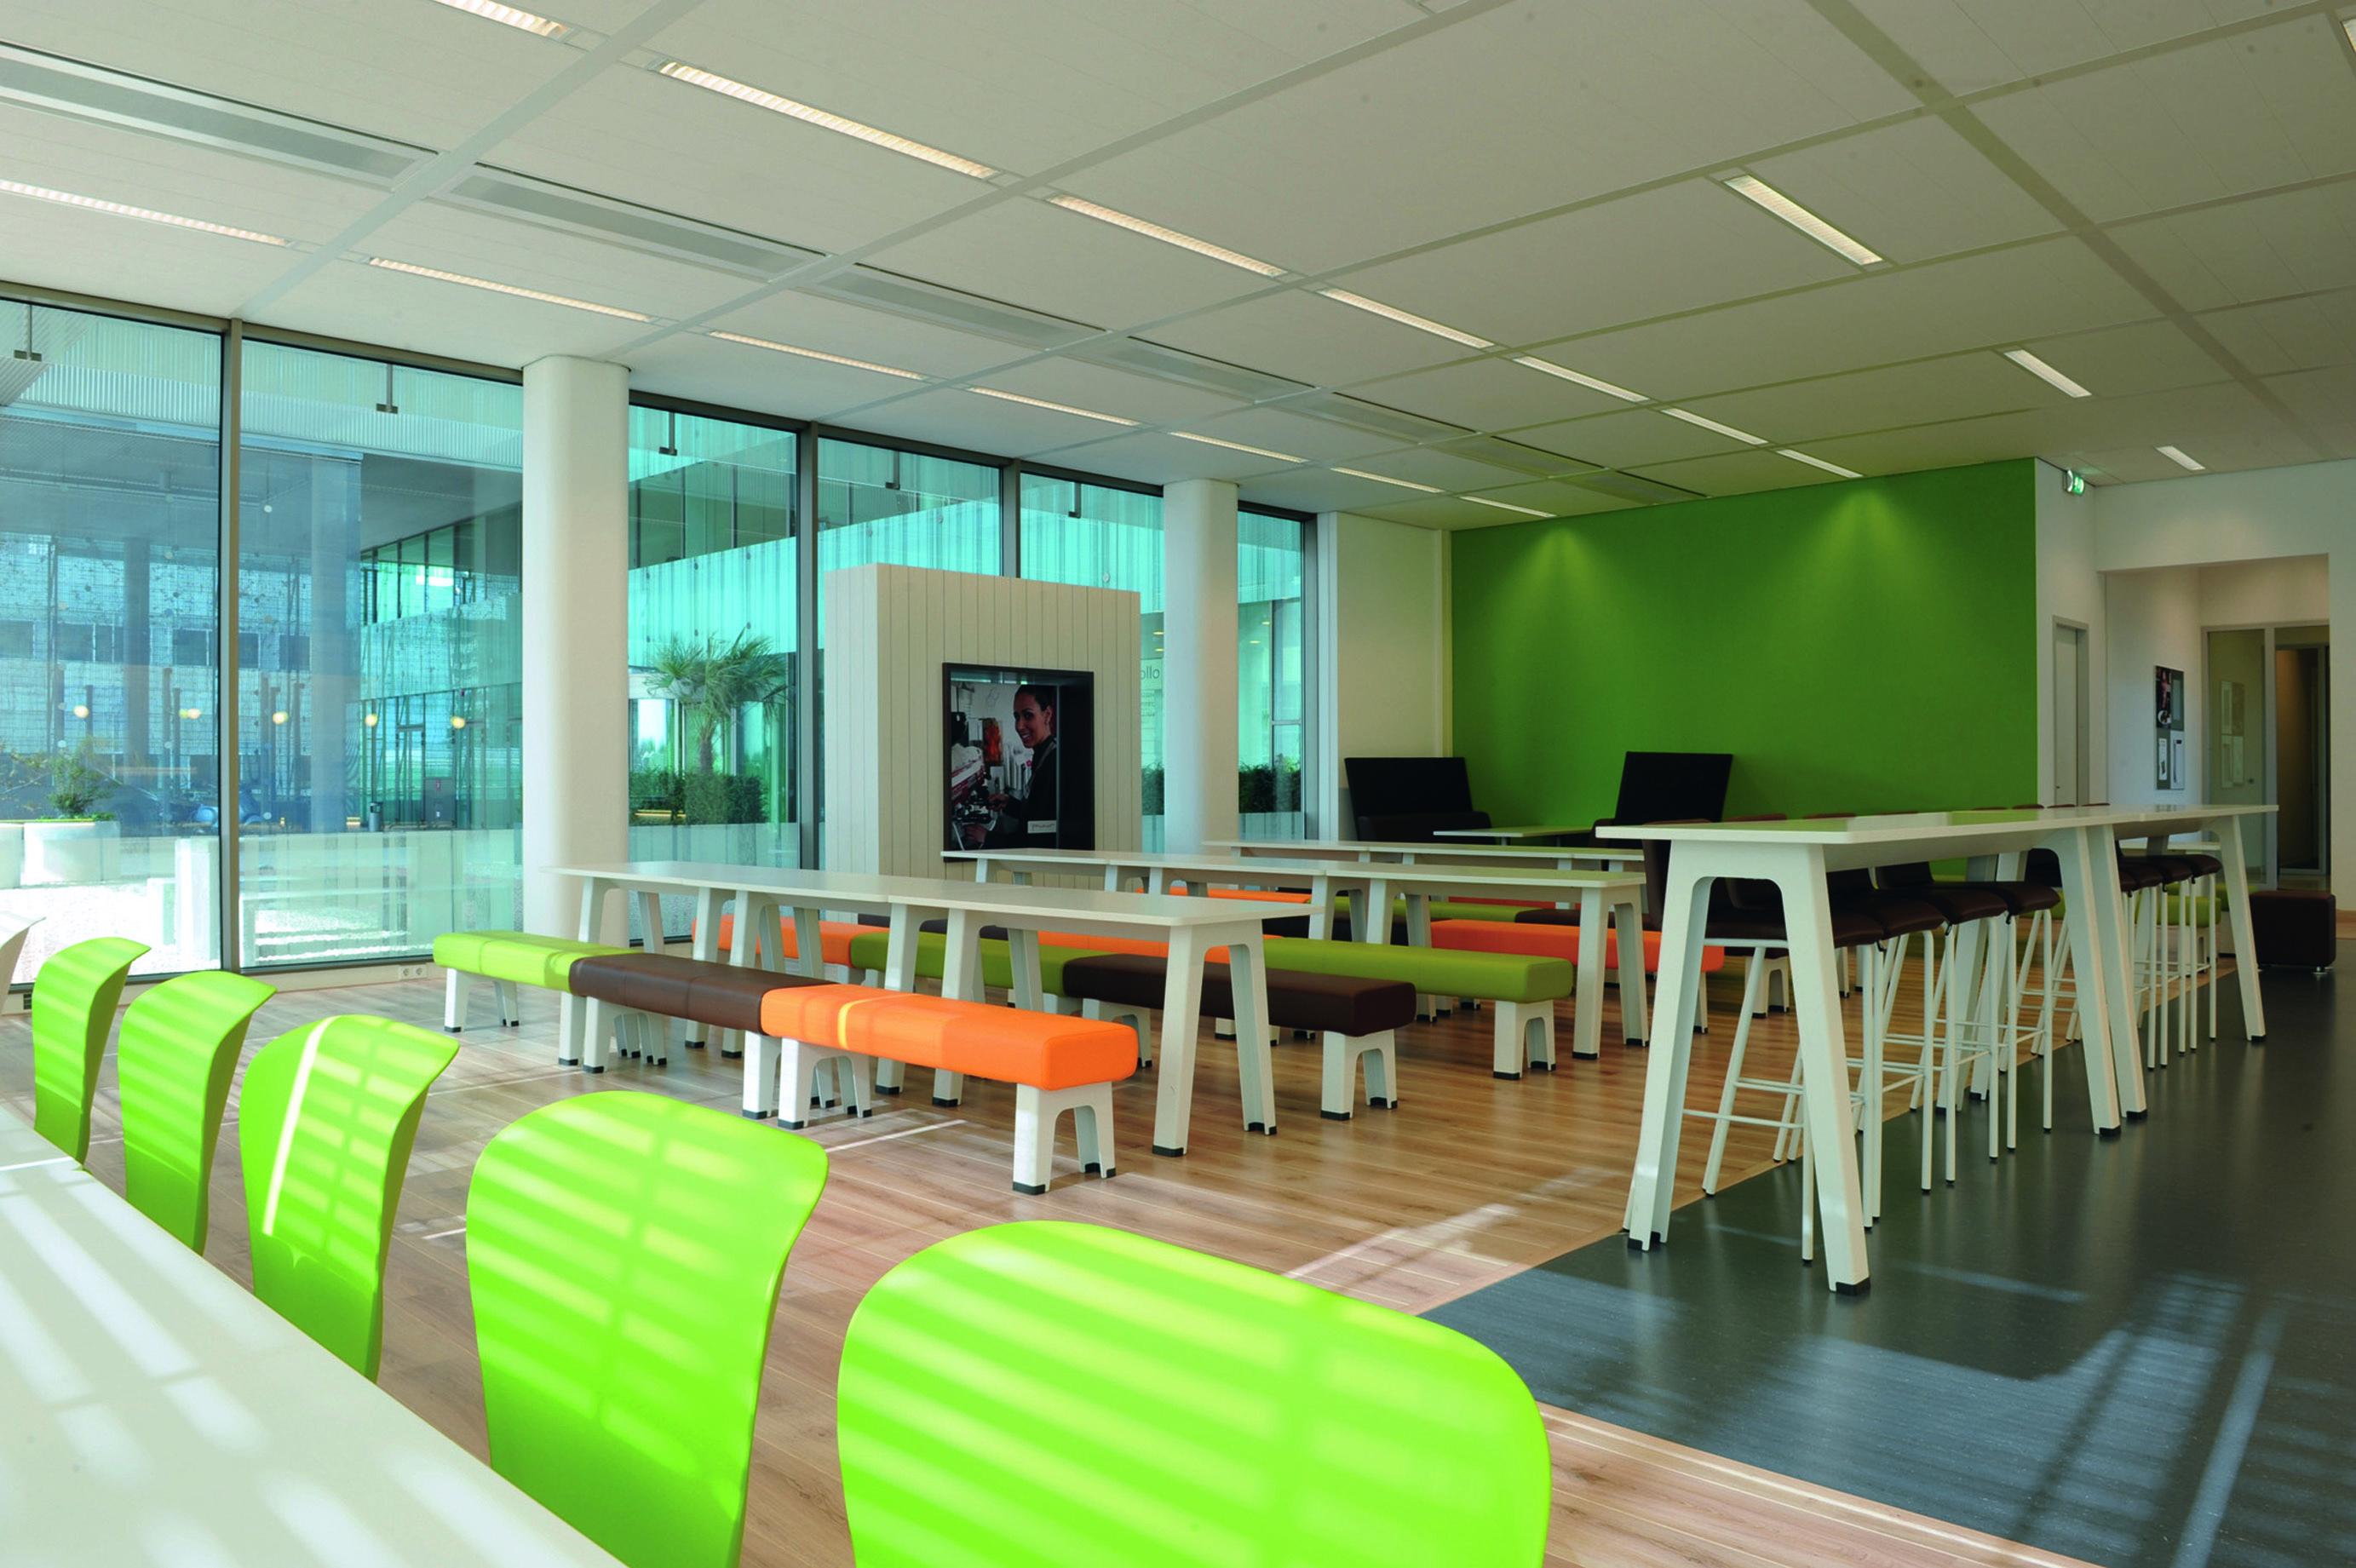 Diseño de aulas Greendok_03